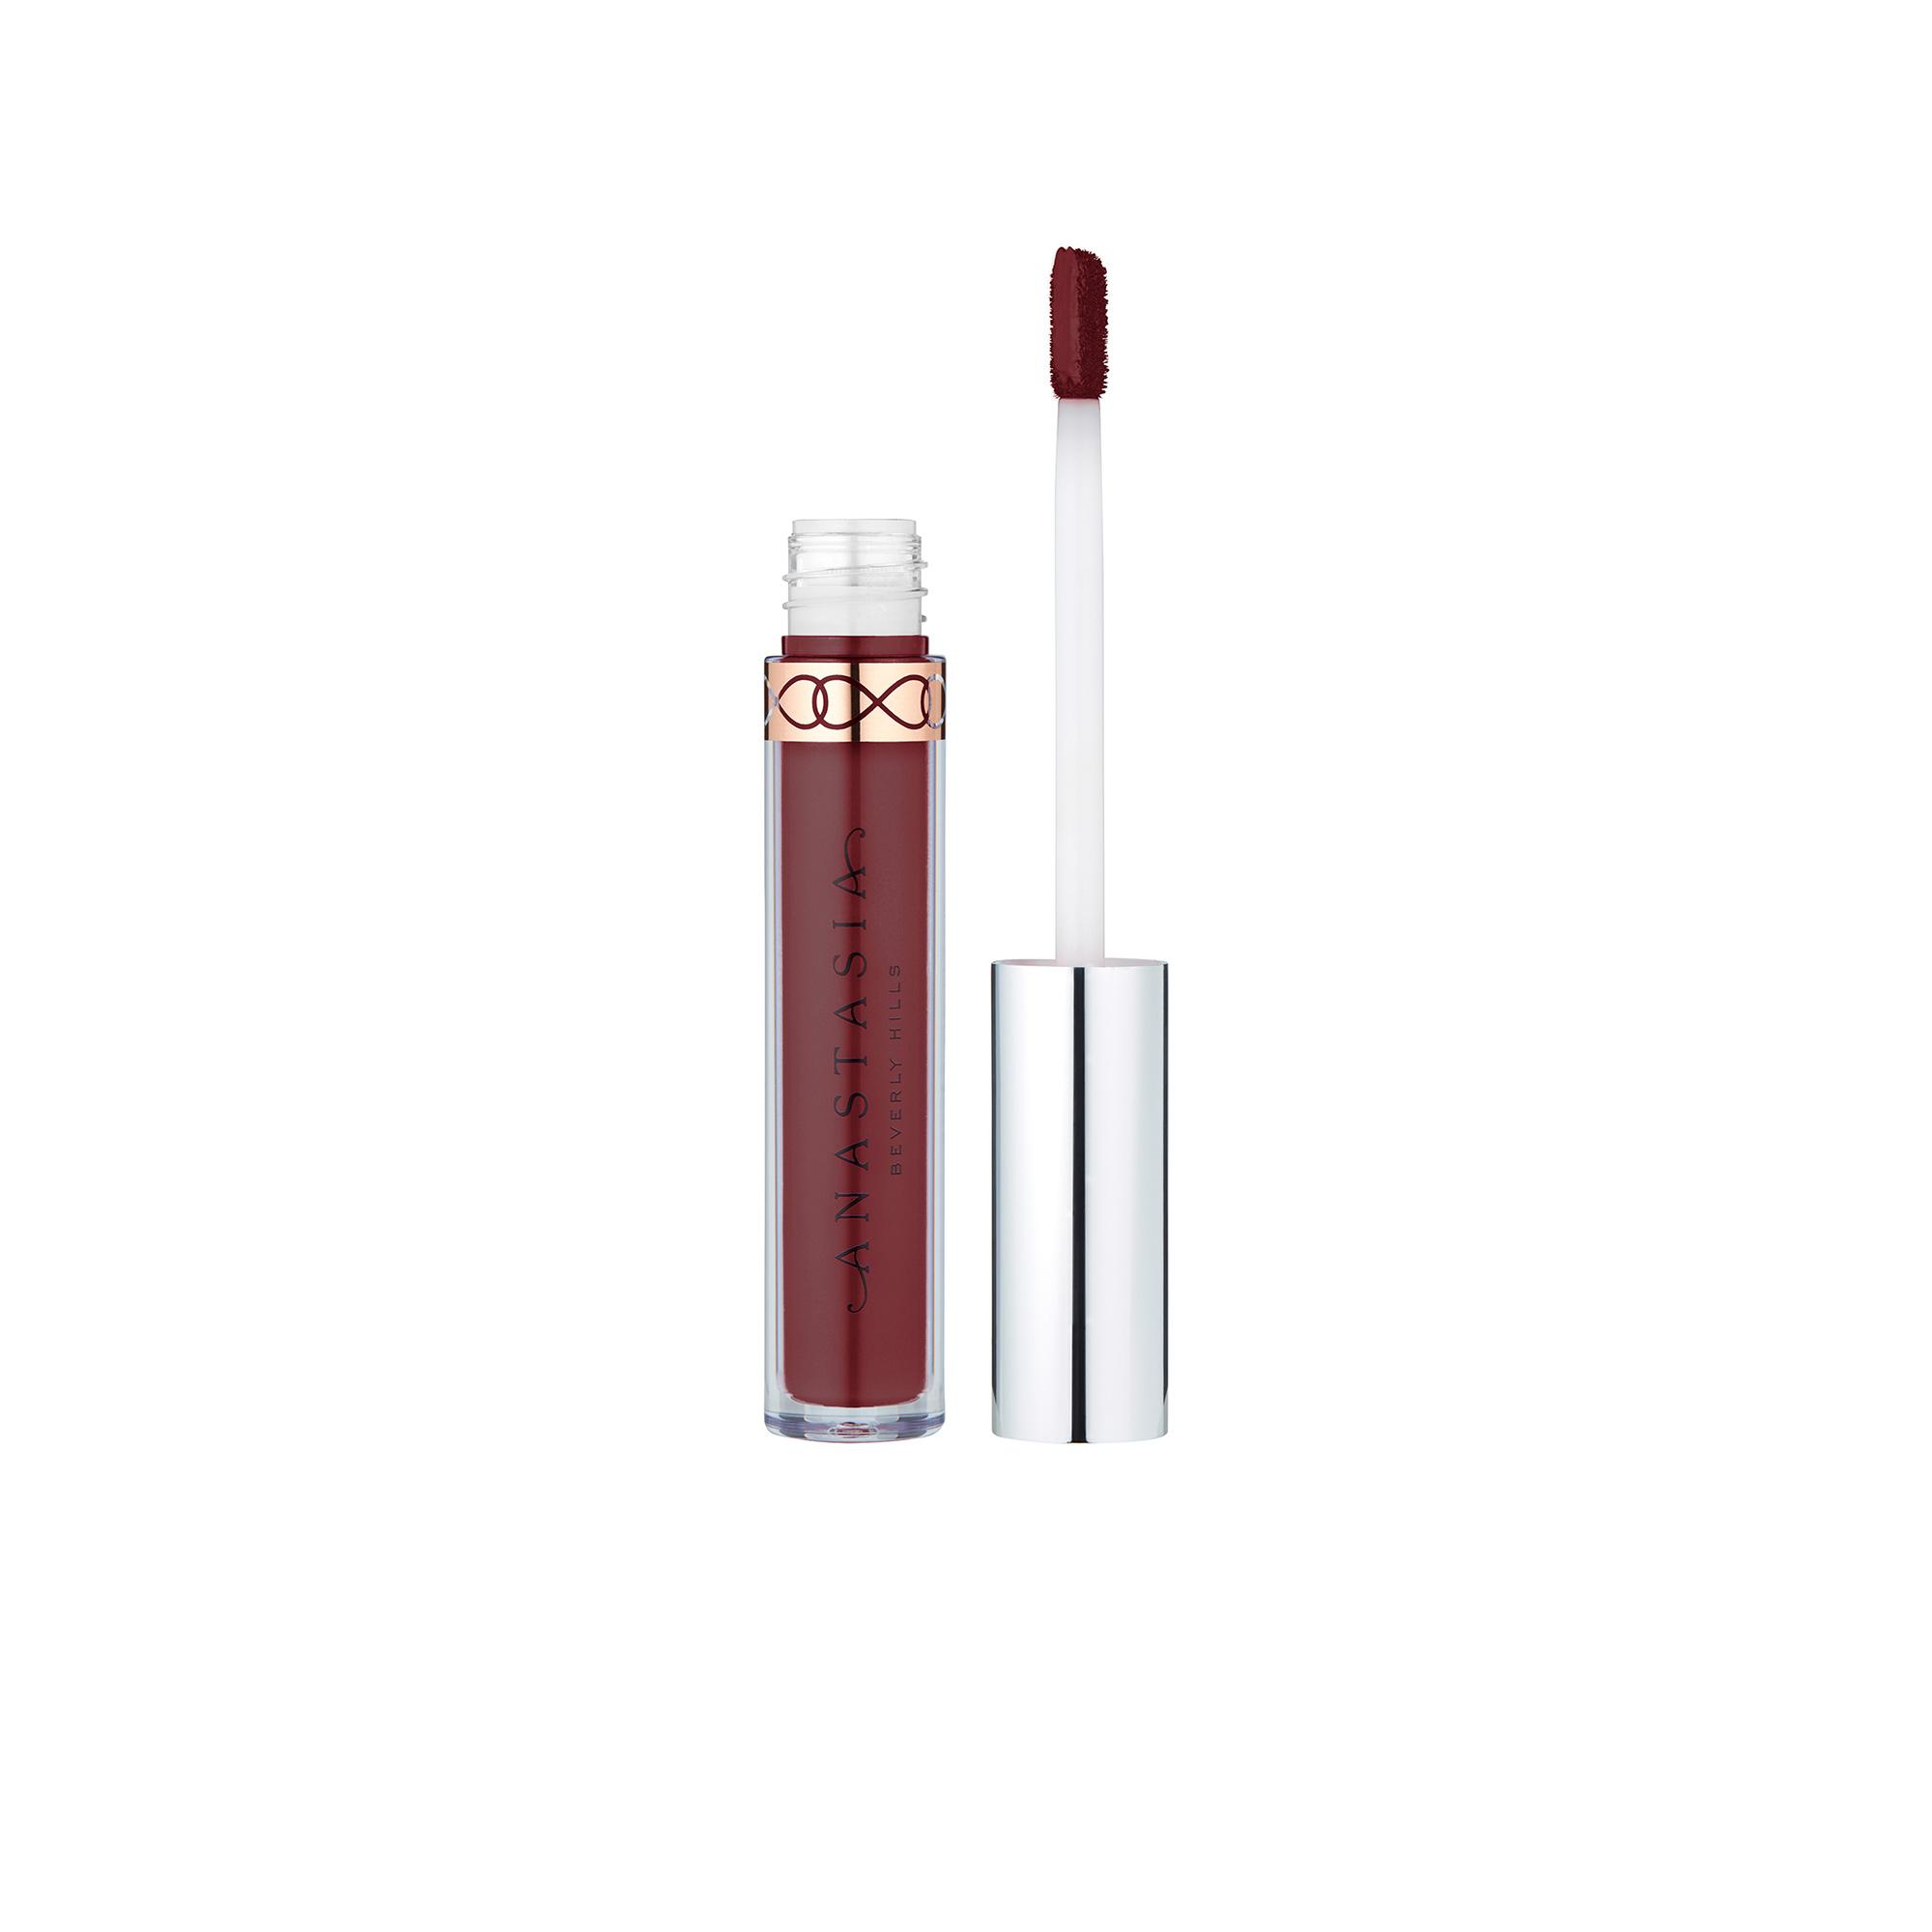 null - Liquid Lipstick | Long-Wearing Matte Lipsticks